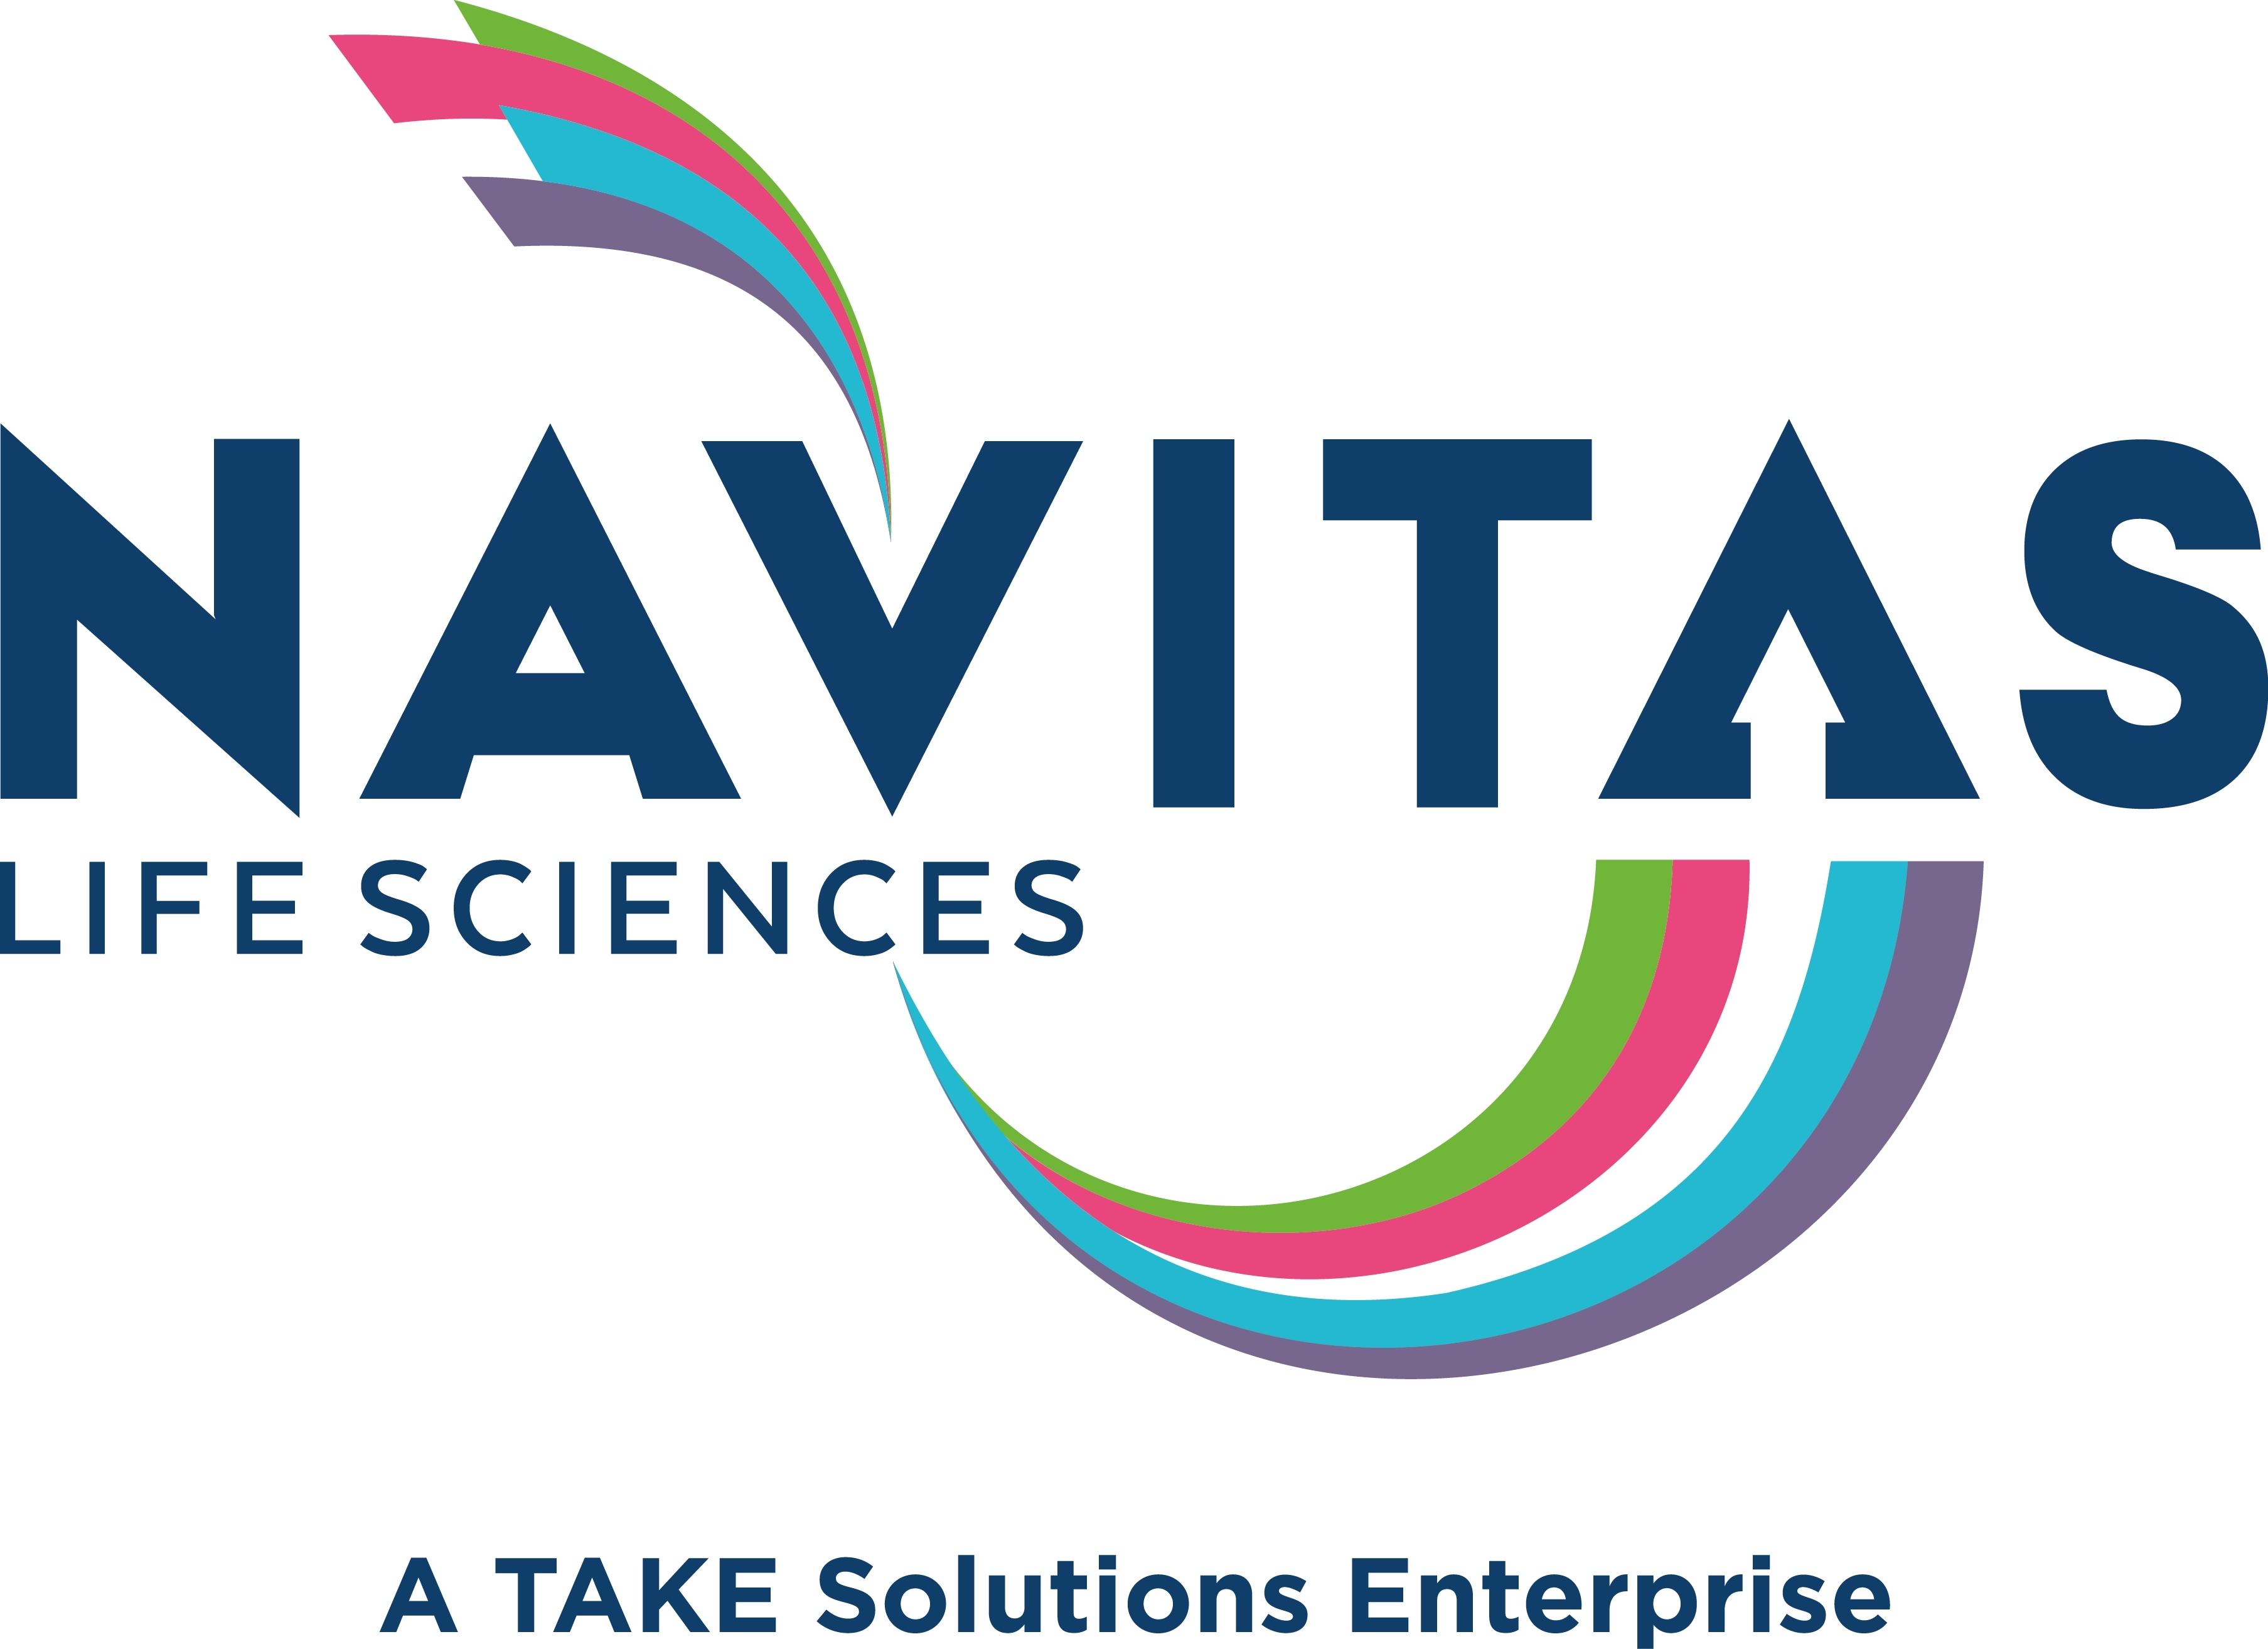 navitas life sciences une entreprise take solutions a été désignée